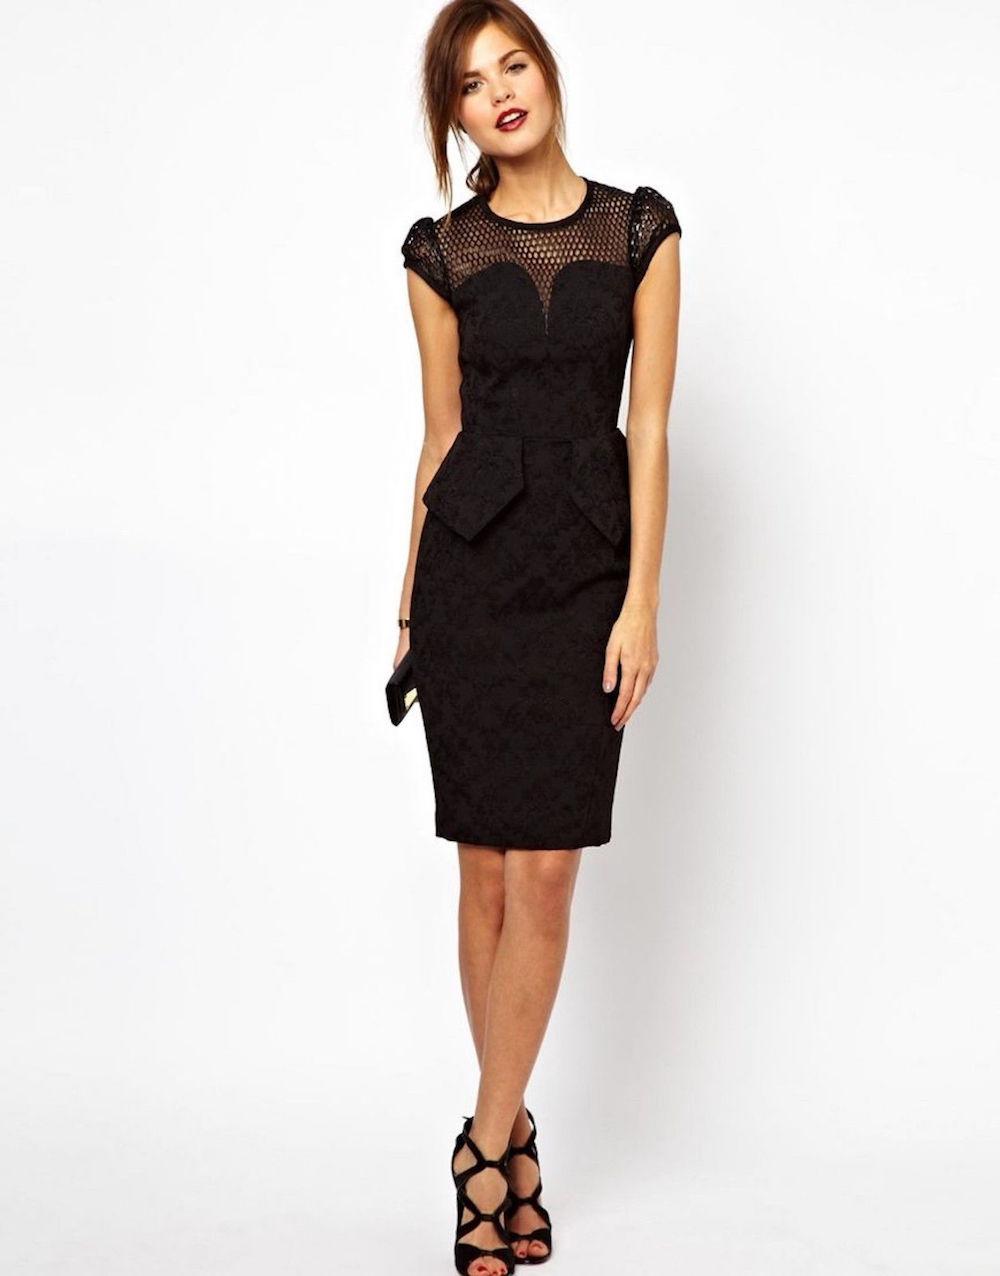 Karen Millen Brocade Pencil Dress Black